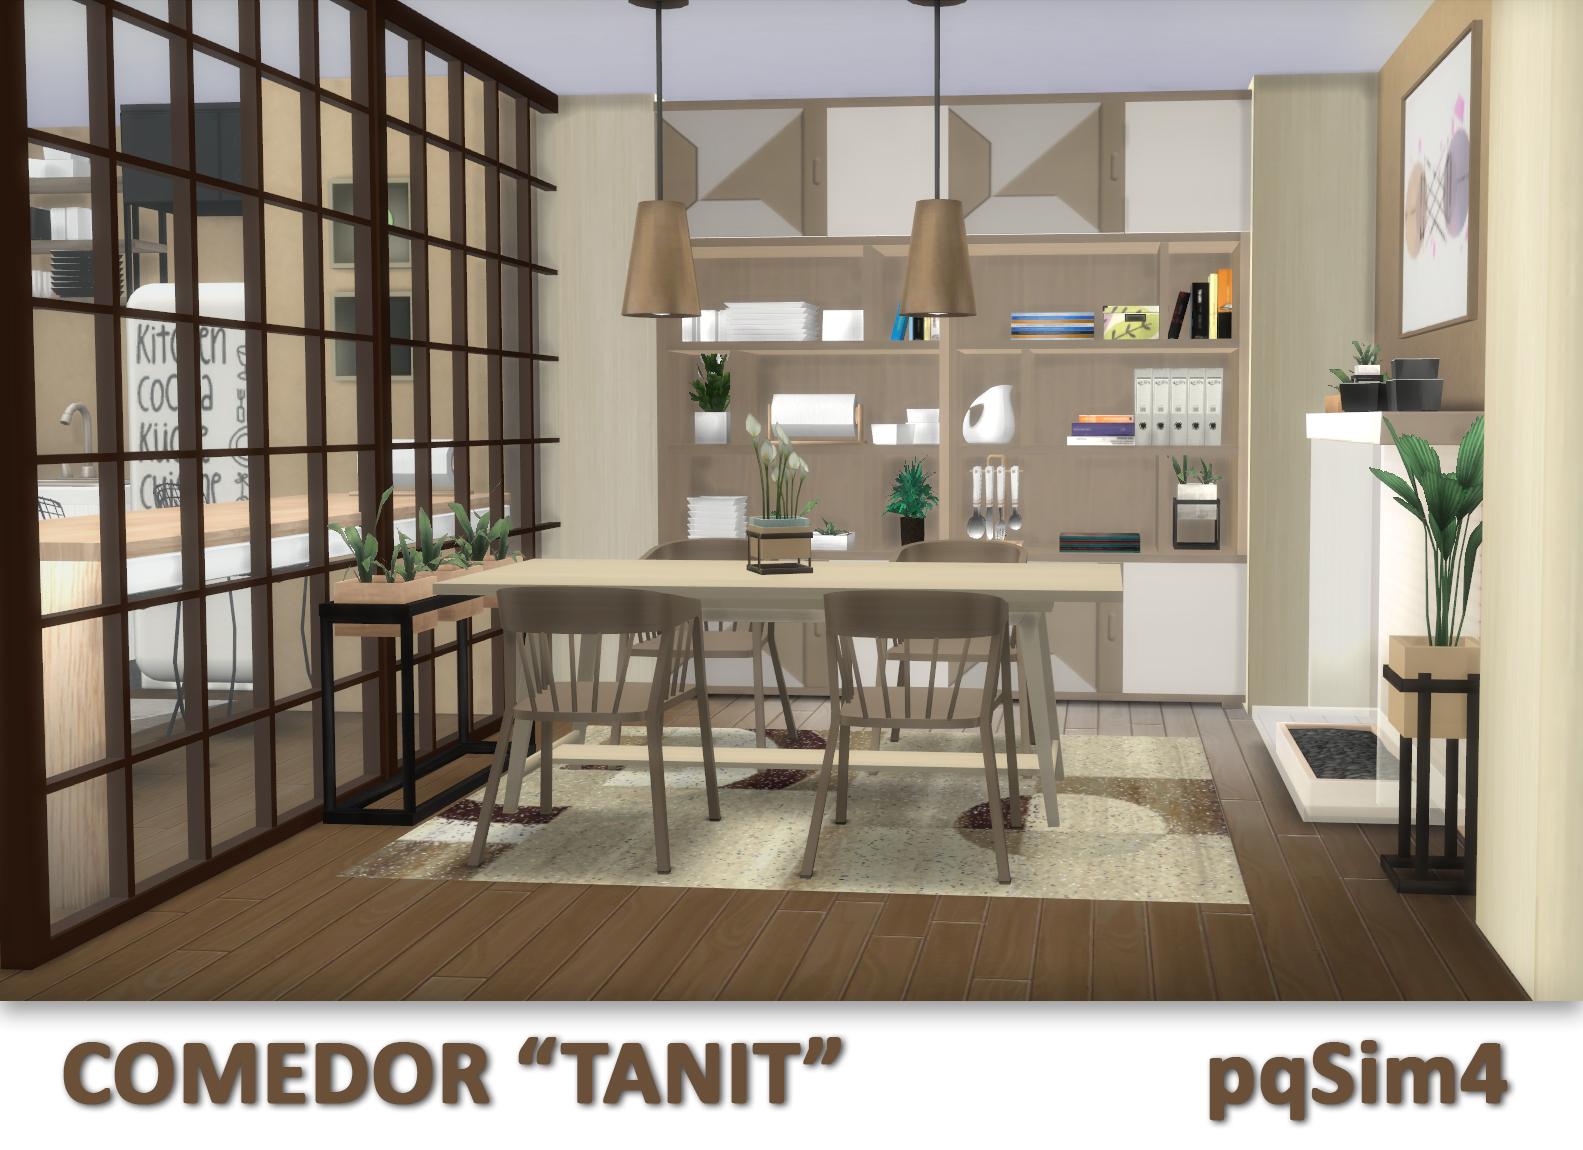 Sims 4 Custom Content Hola Hoy Traigo El Comedor De La Serie Tanit Viene Con Cuatro Combinaciones Color Y Creo Que Ha Quedado Muy Alegre